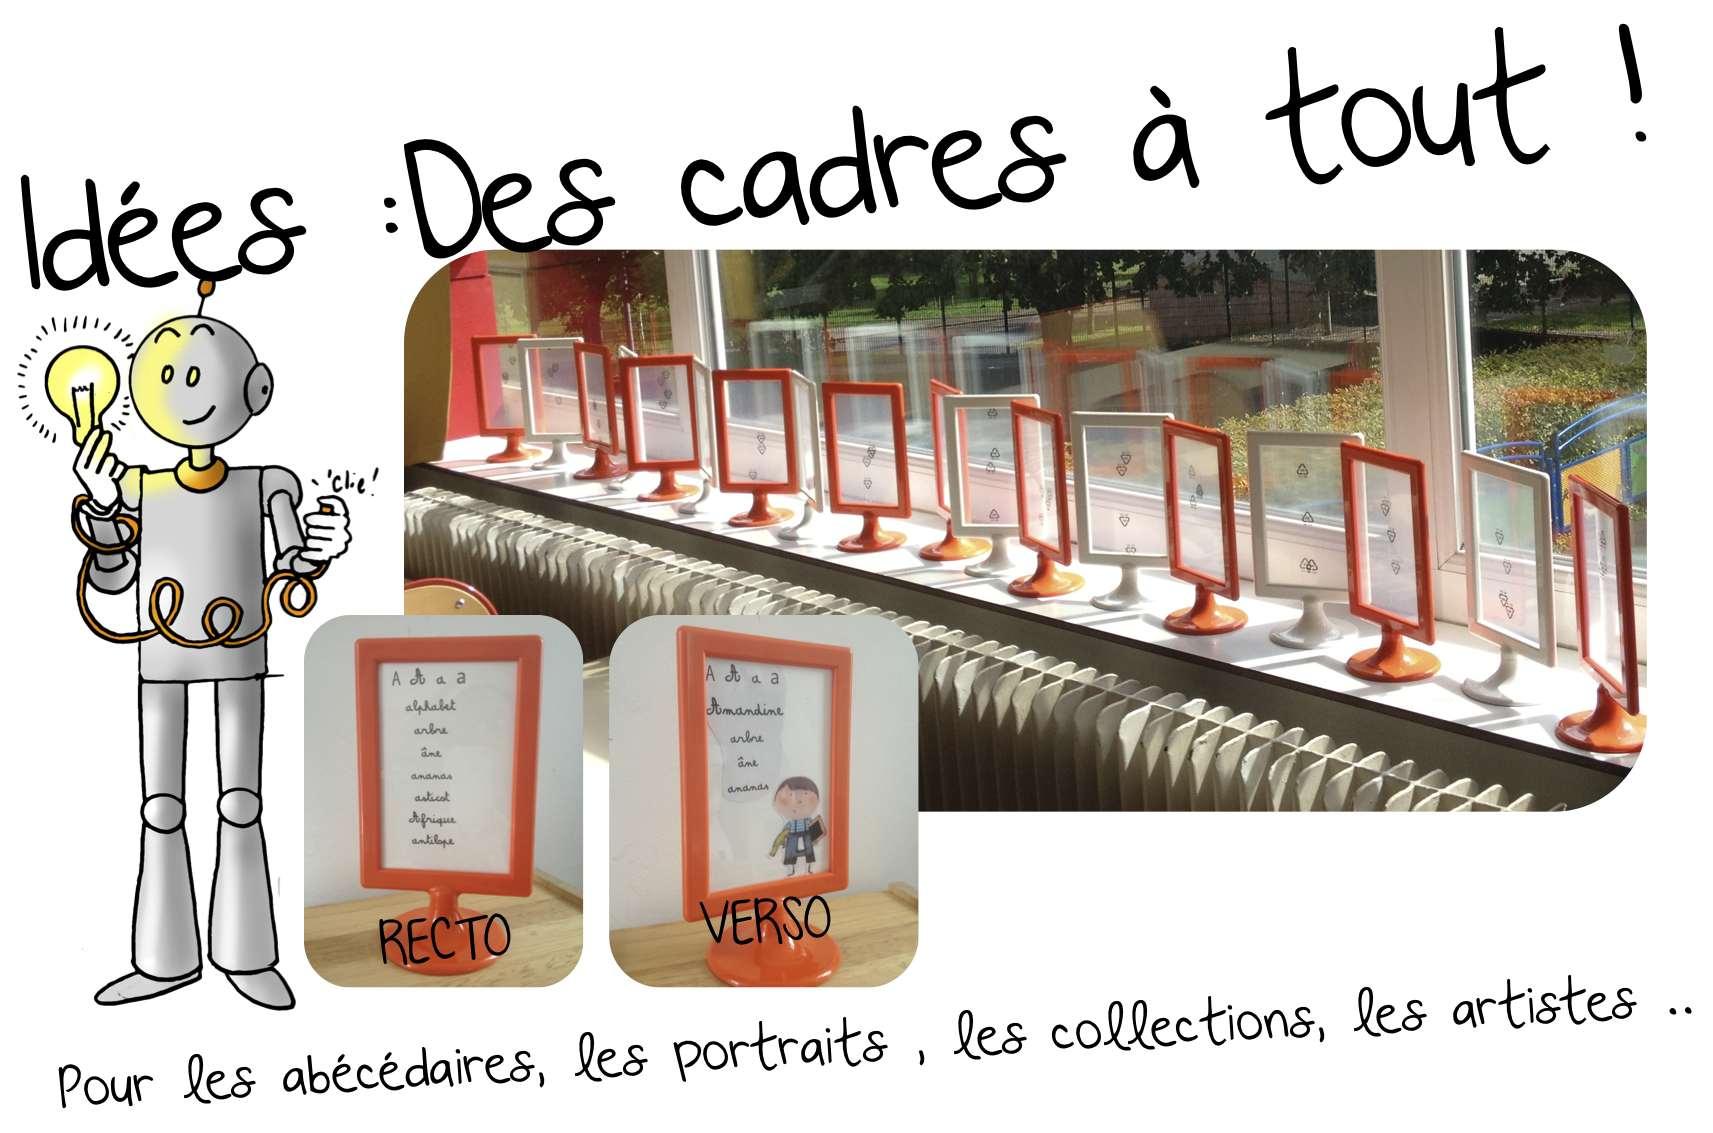 #A0412B Idées: Cadres Ikéa Pour Abécédaires Portraits Artistes  5711 idée décoration noel ce1 1713x1133 px @ aertt.com